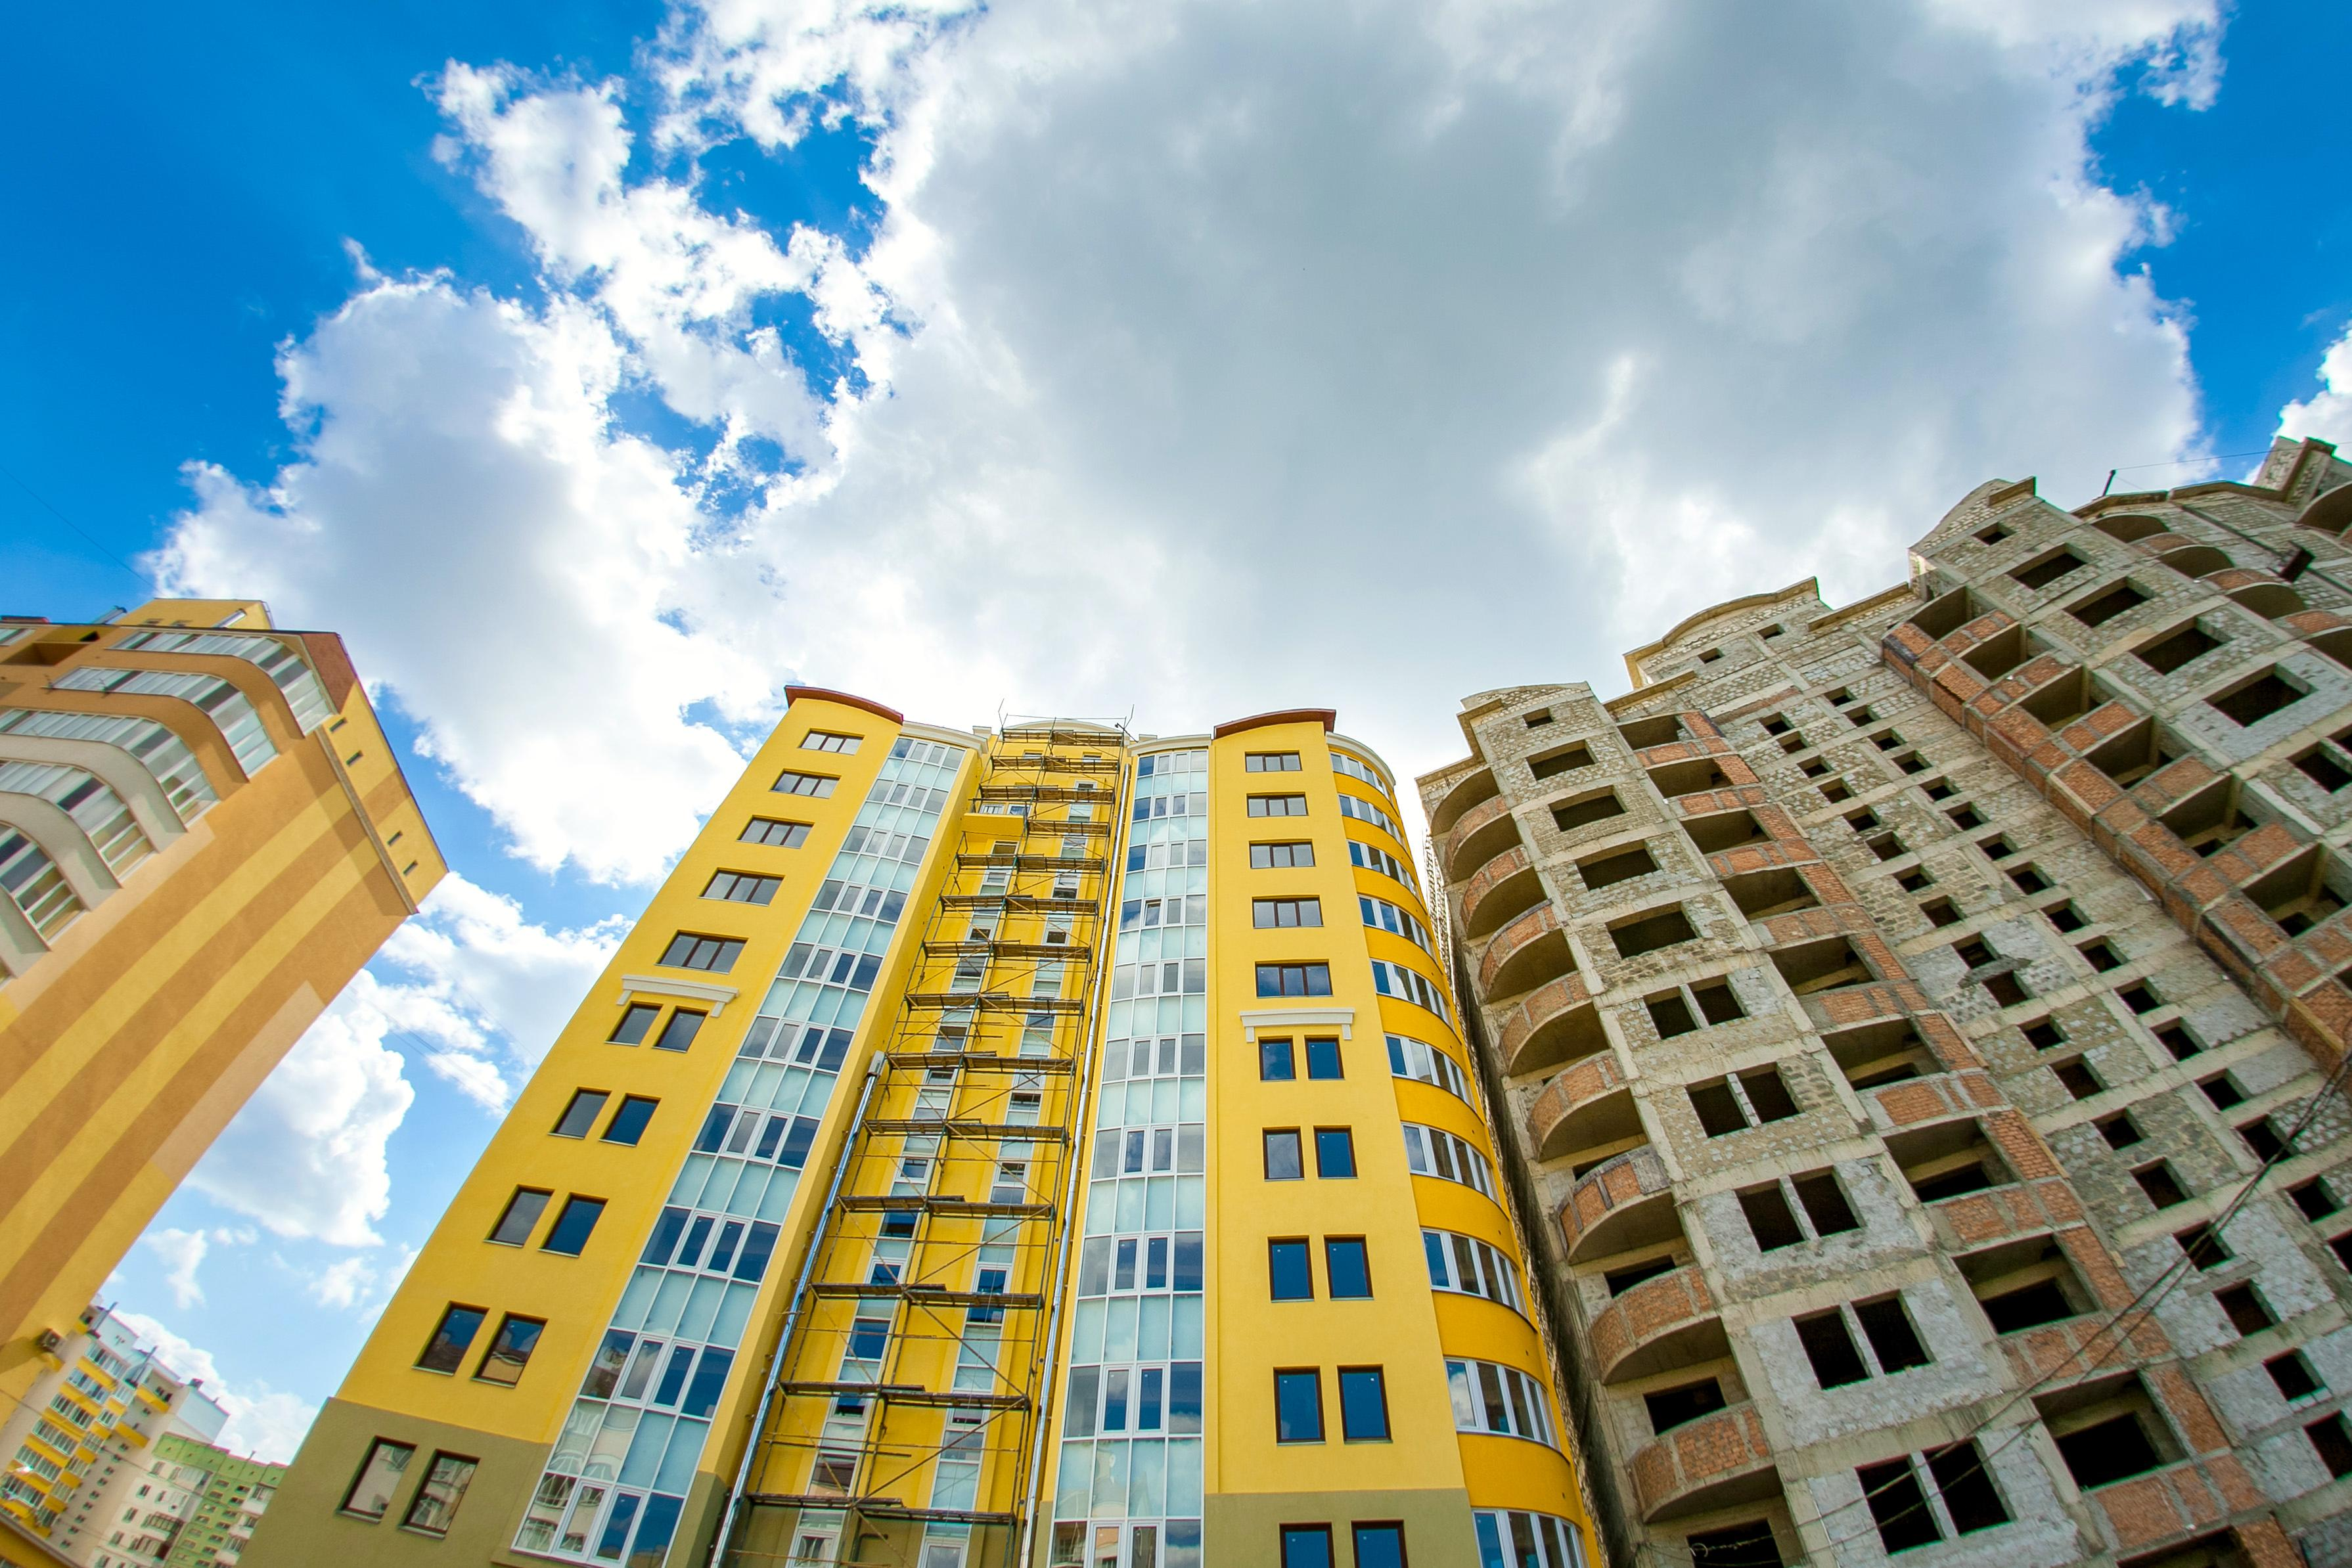 Apartament №54 cu 1 cameră. Str. Alba Iulia 101